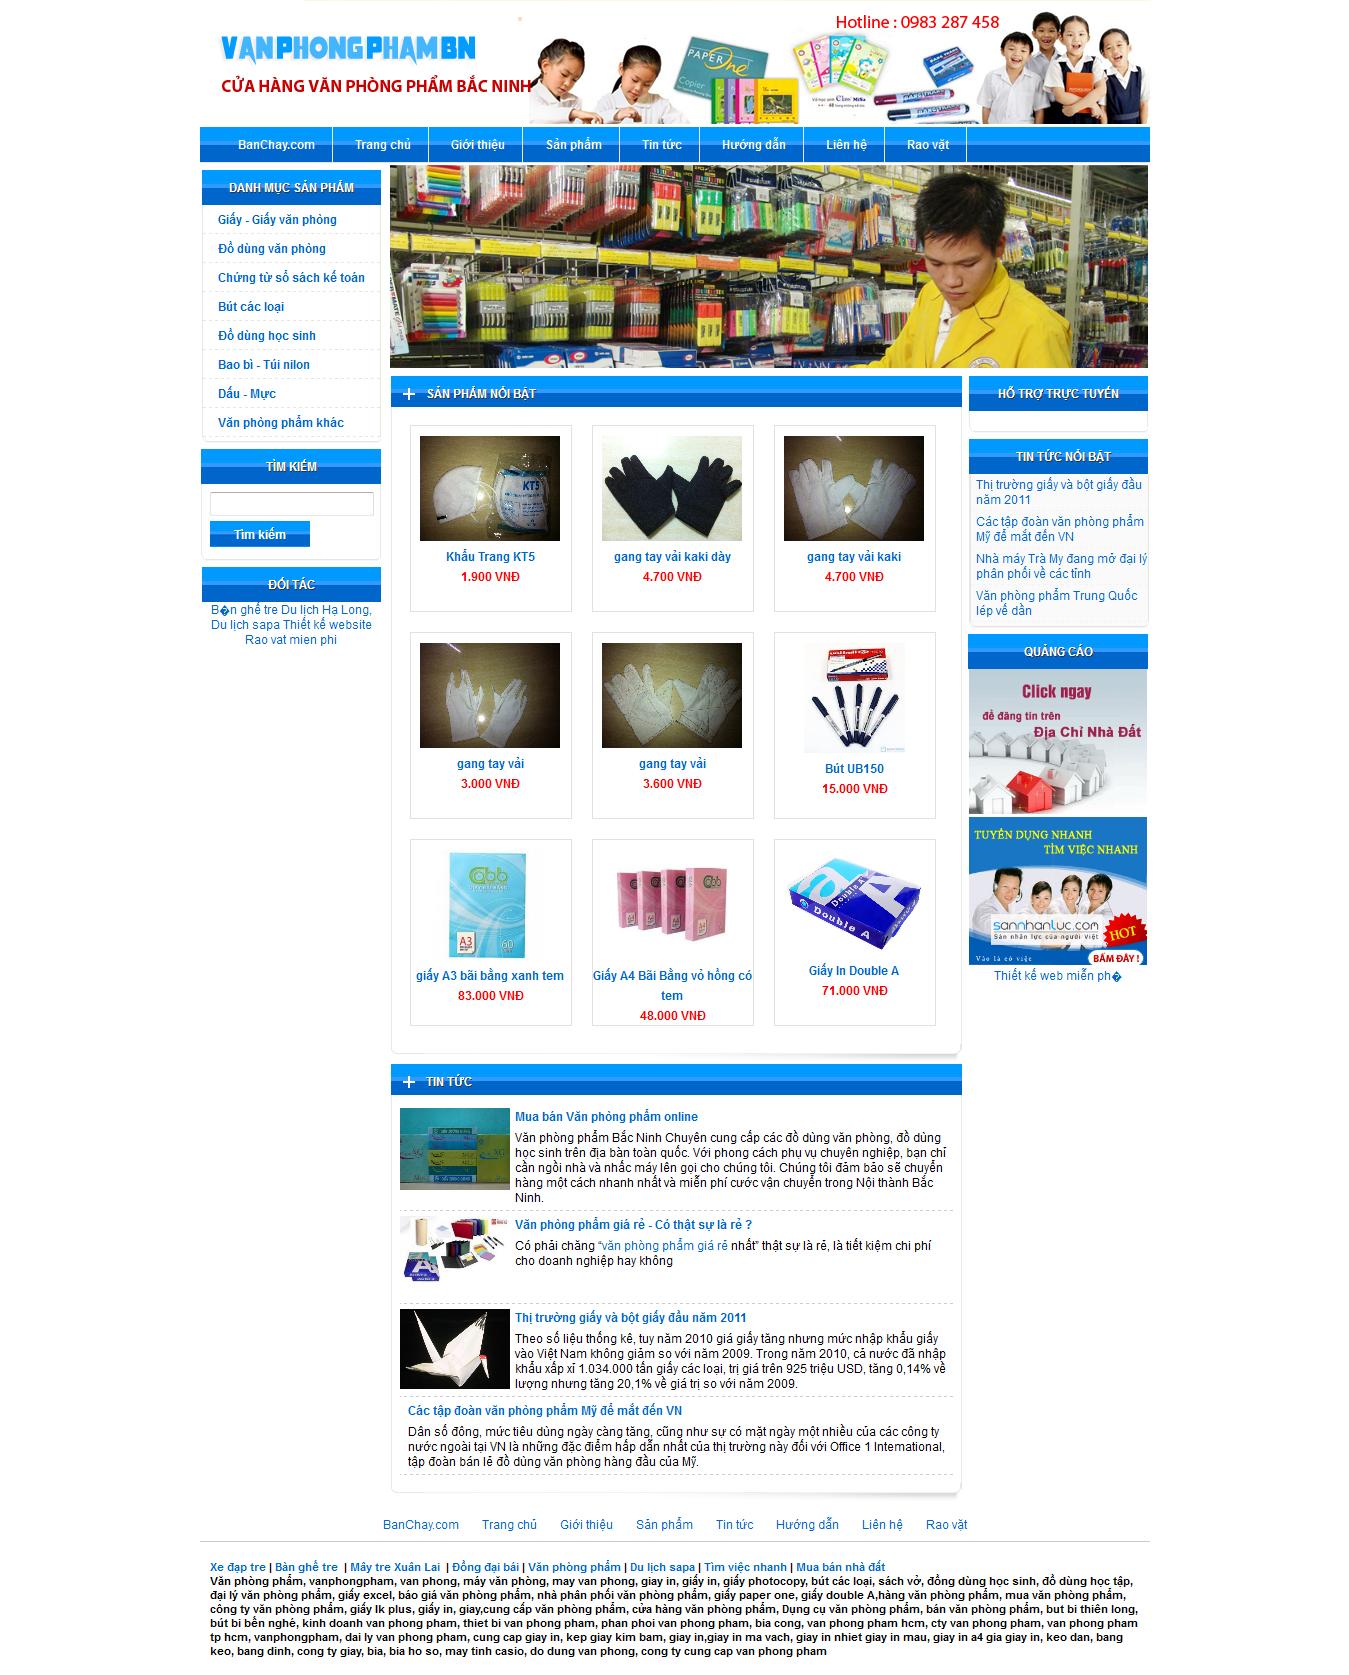 Mẫu website văn phòng phẩm 10504